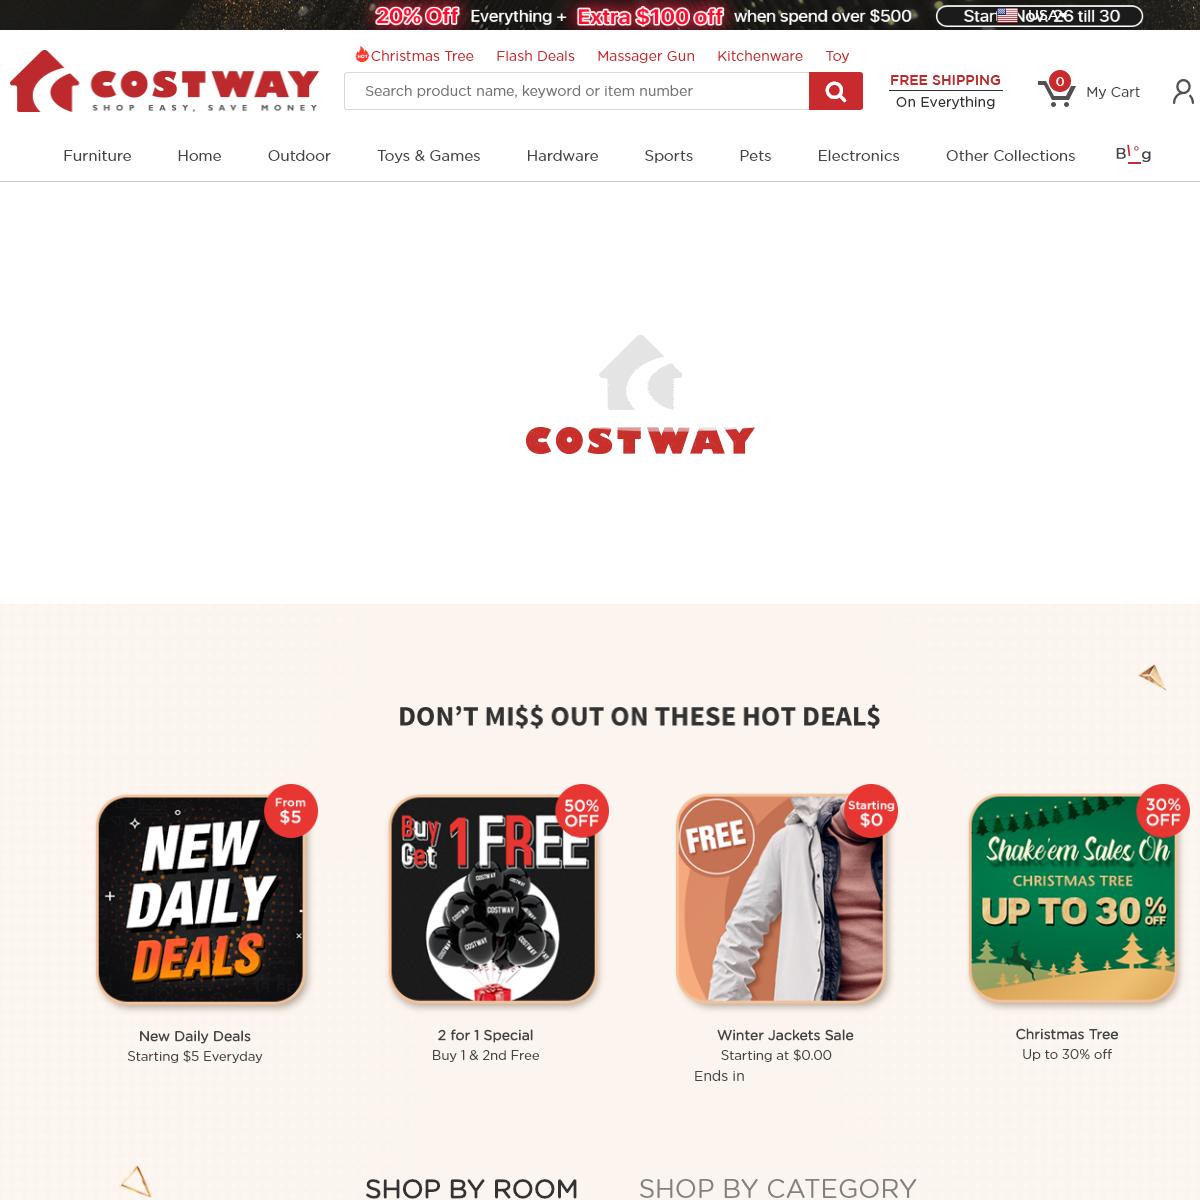 Costway- Shop easy. Save money.